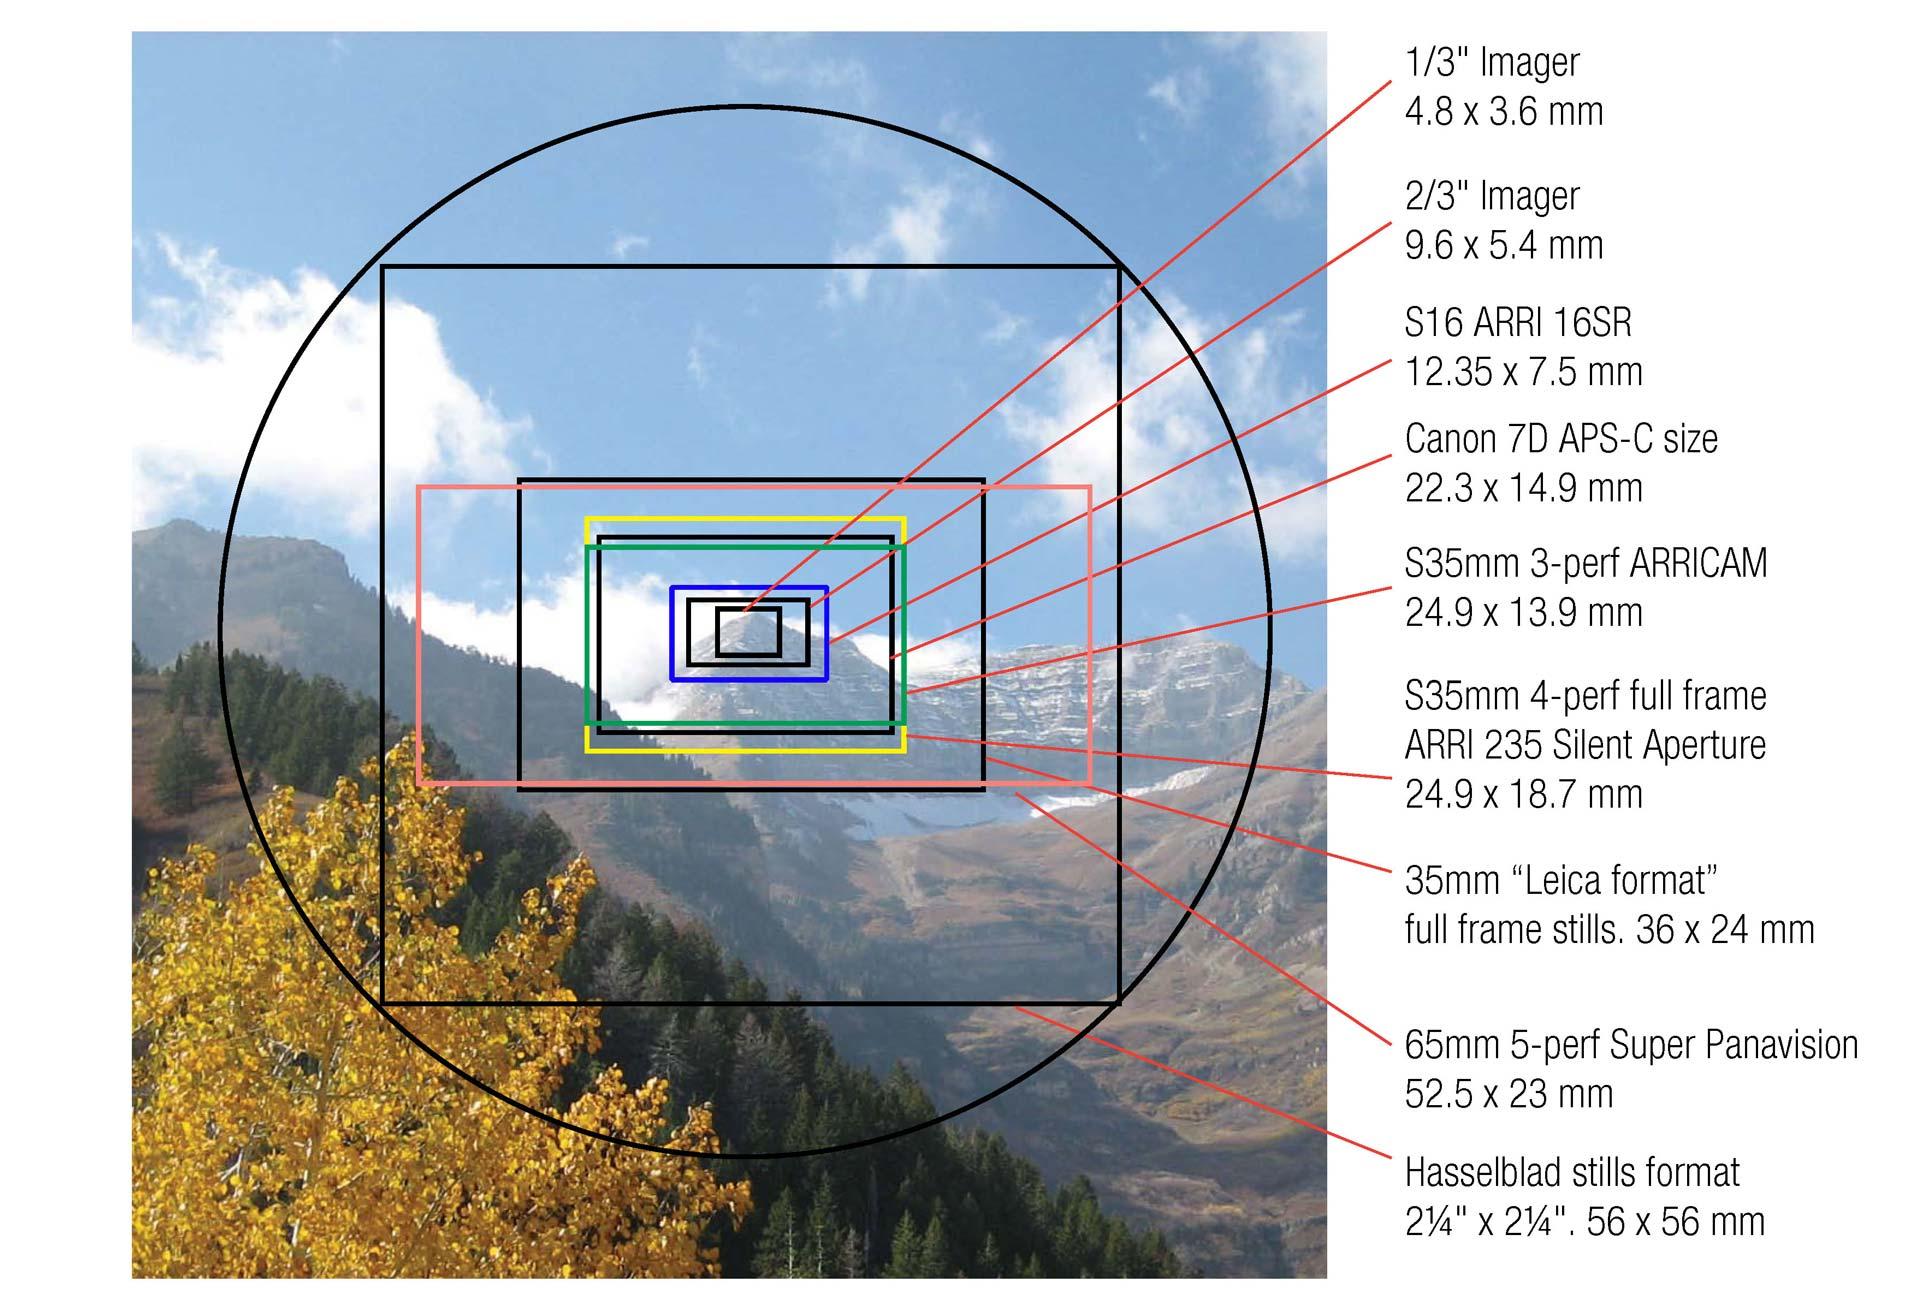 cảm biến hình ảnh của camera 1/2 và các loại cảm biến hình ảnh camera khác nhau như thế nào